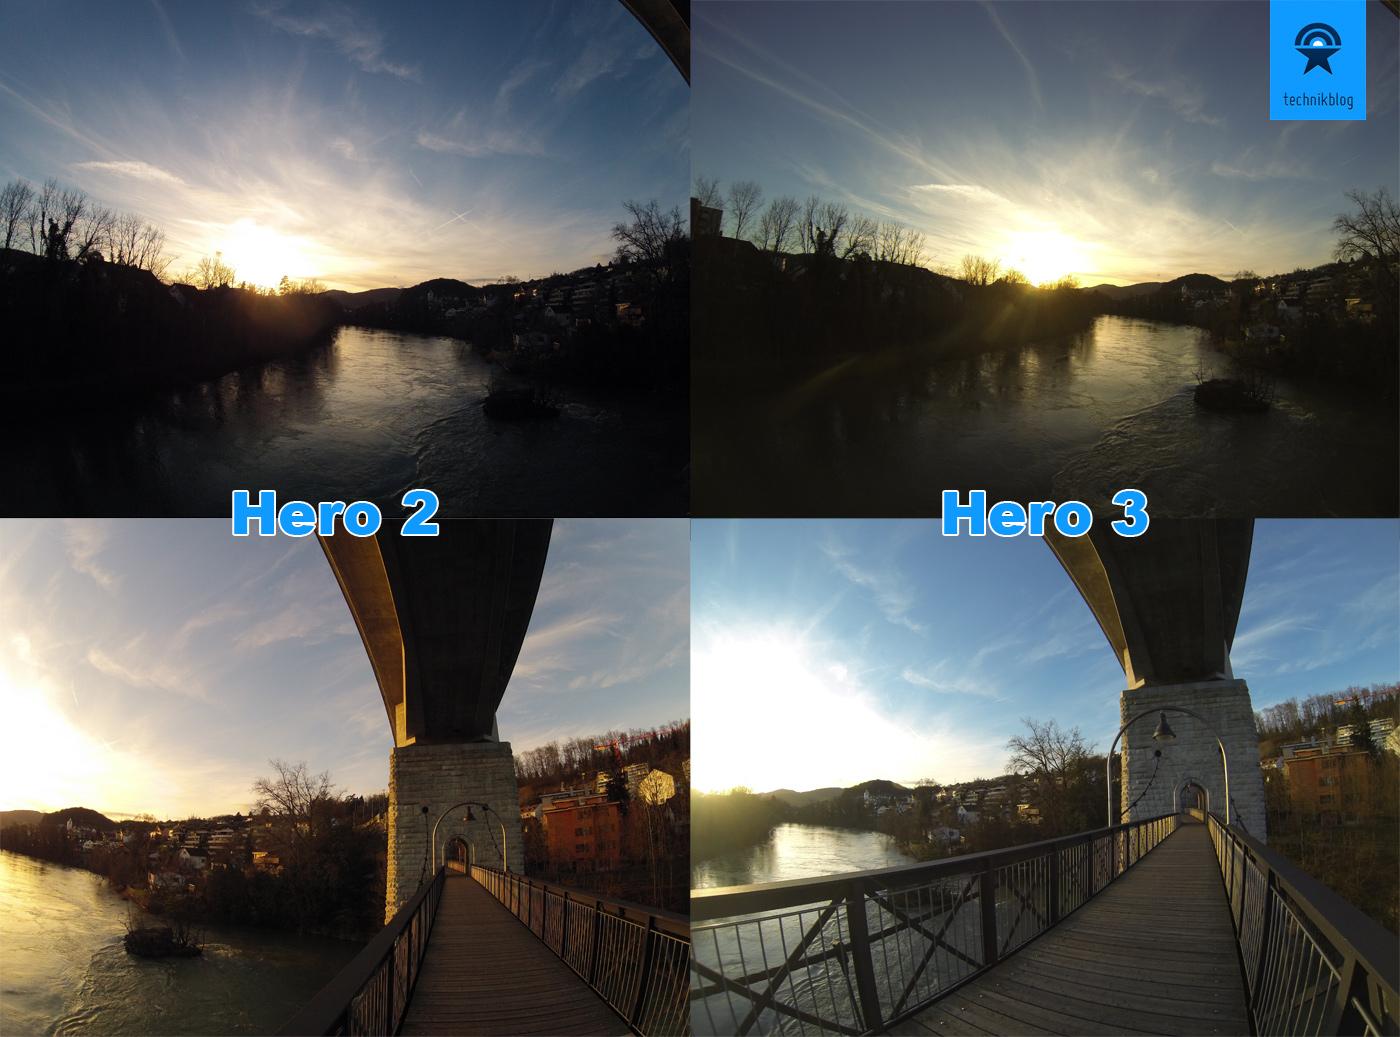 GoPro Vergleich Bilder zwischen Hero 2 und Hero 3 bei Gegenlicht